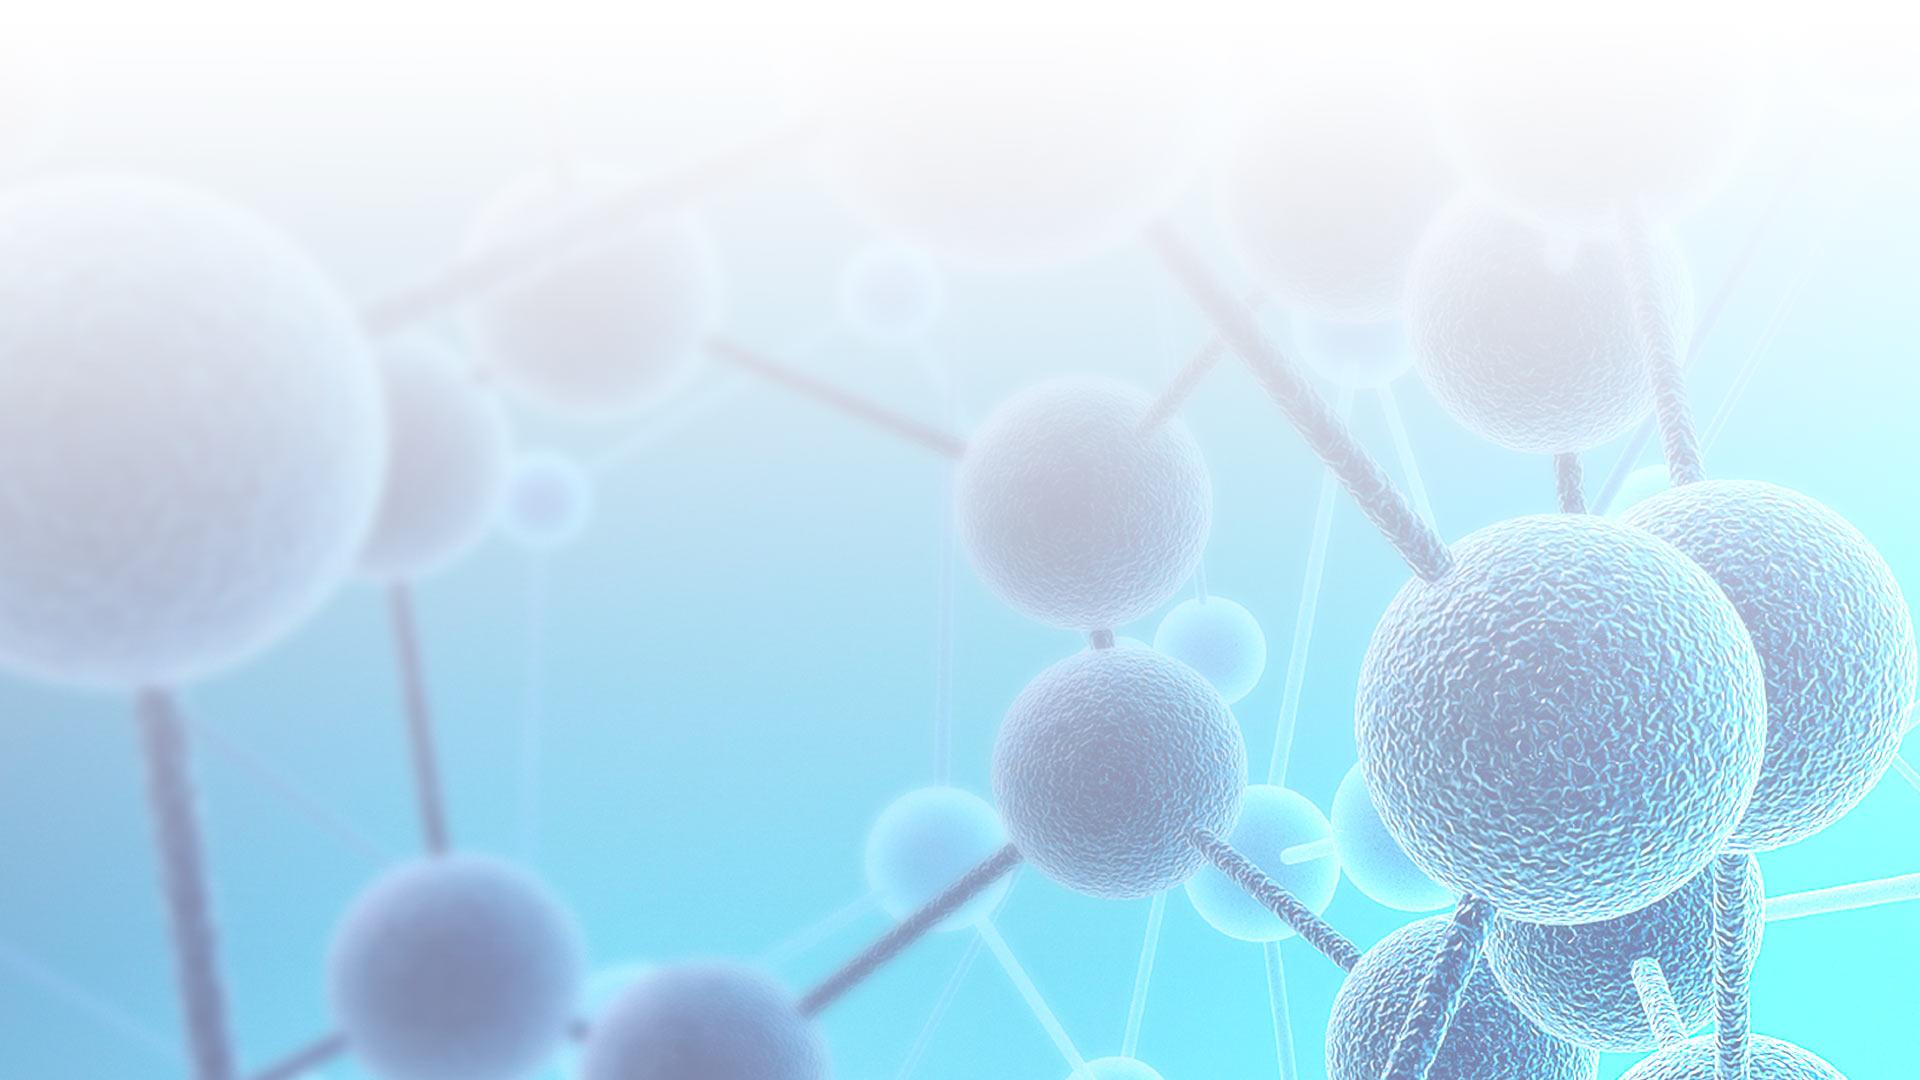 biotecnologia y quimica de mantenimiento